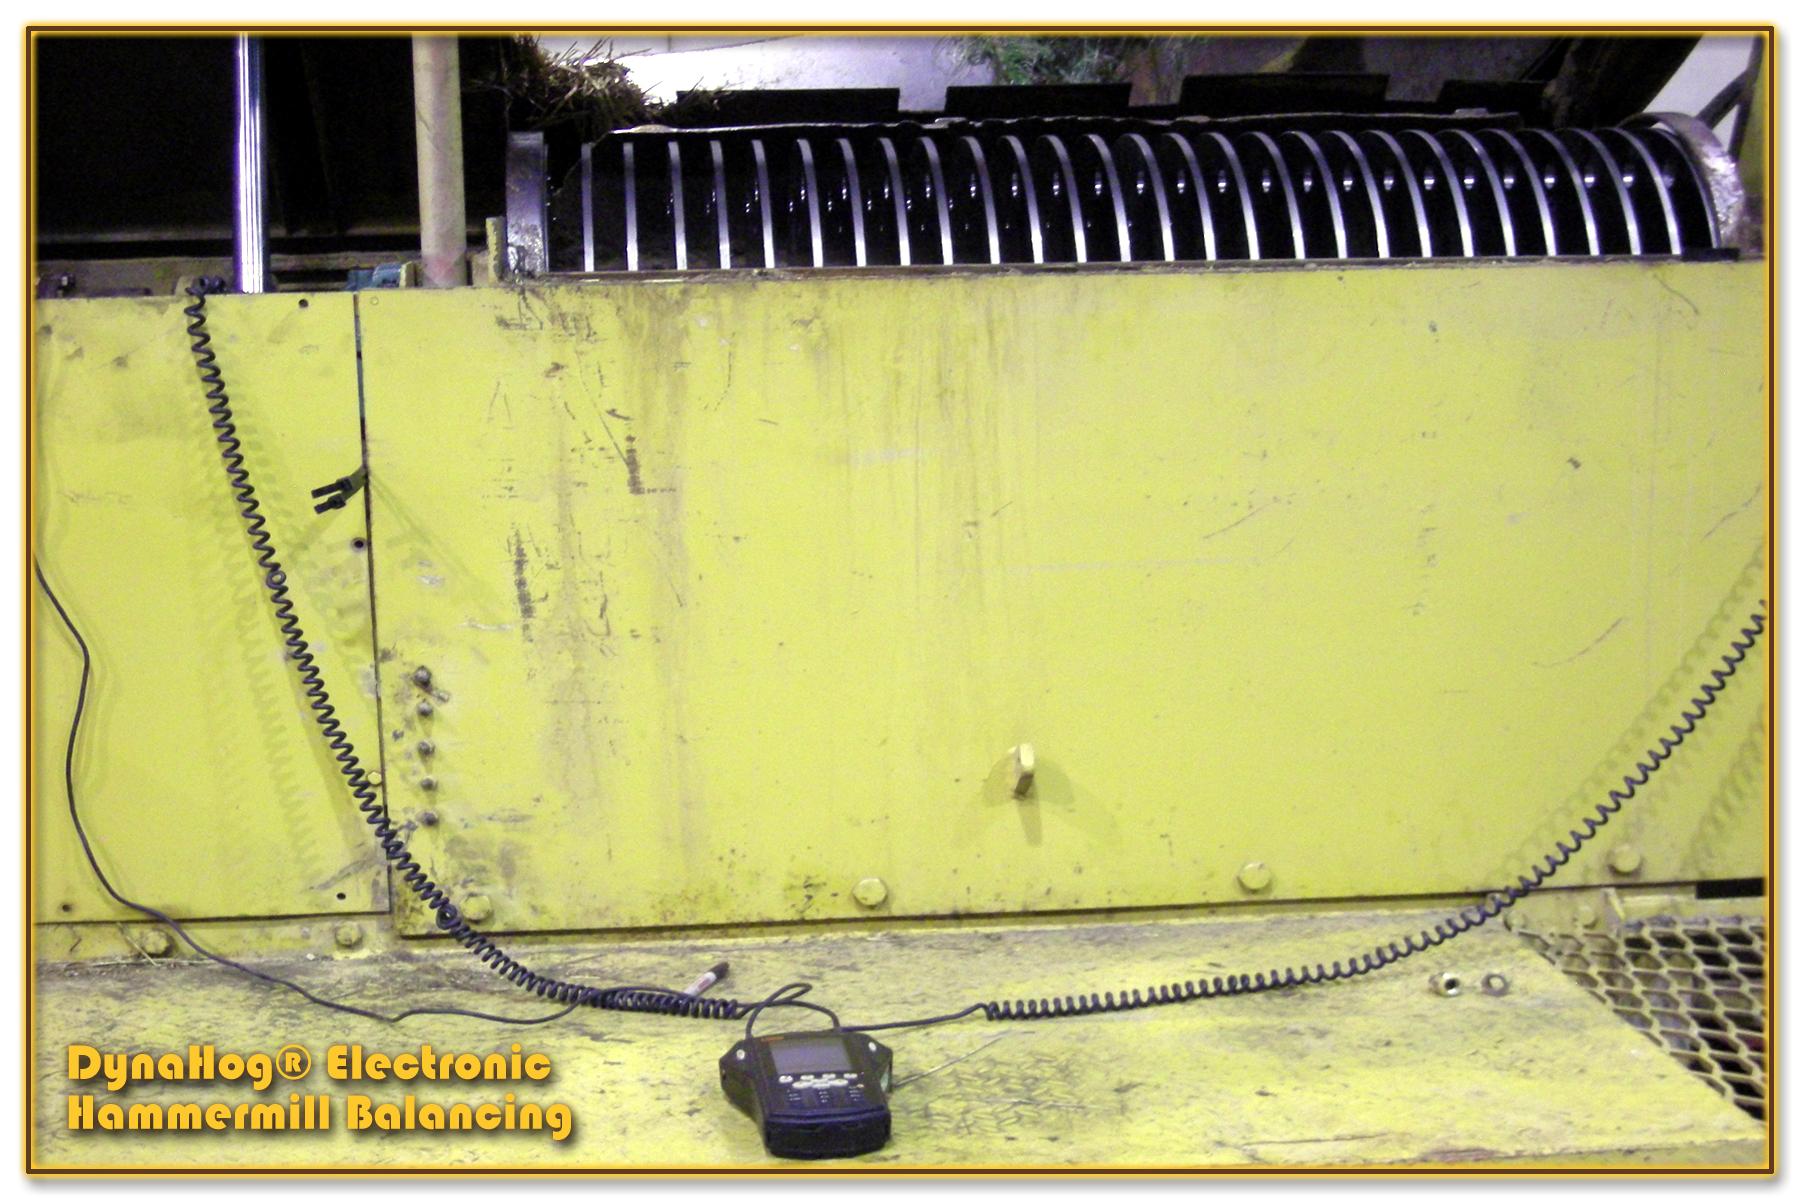 4 DynaHog® Grinder Repair Service